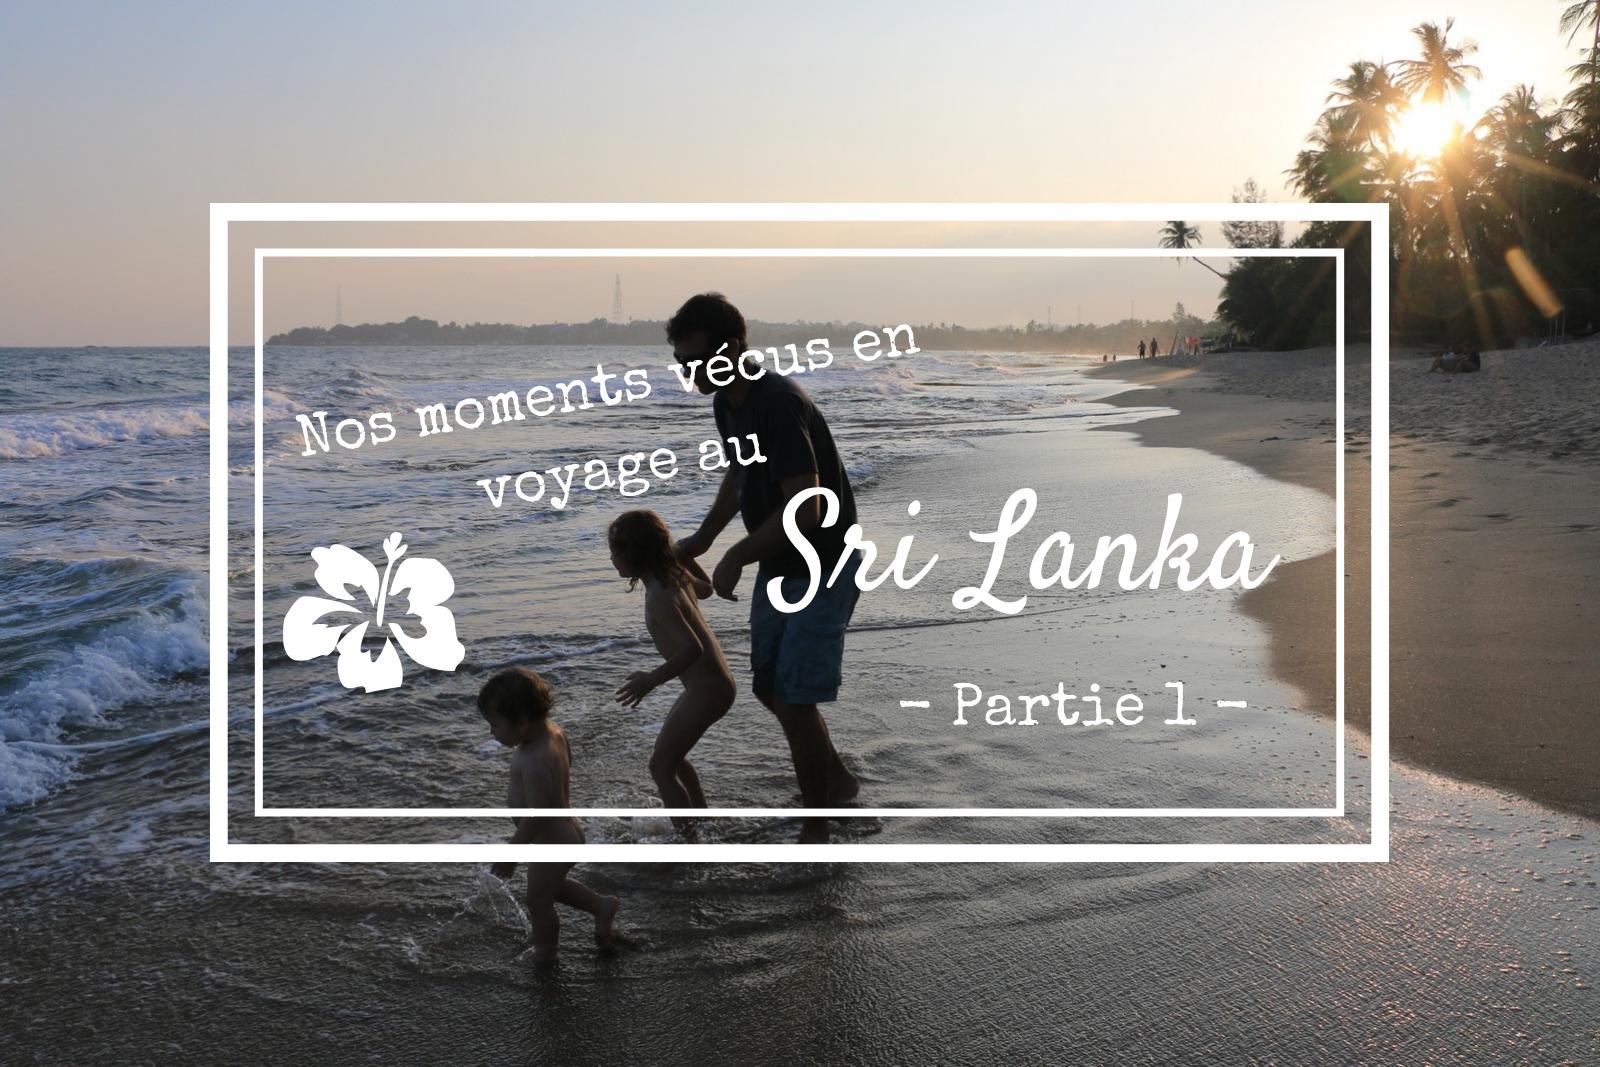 Nos moments vécus en famille au Sri Lanka – Partie 1